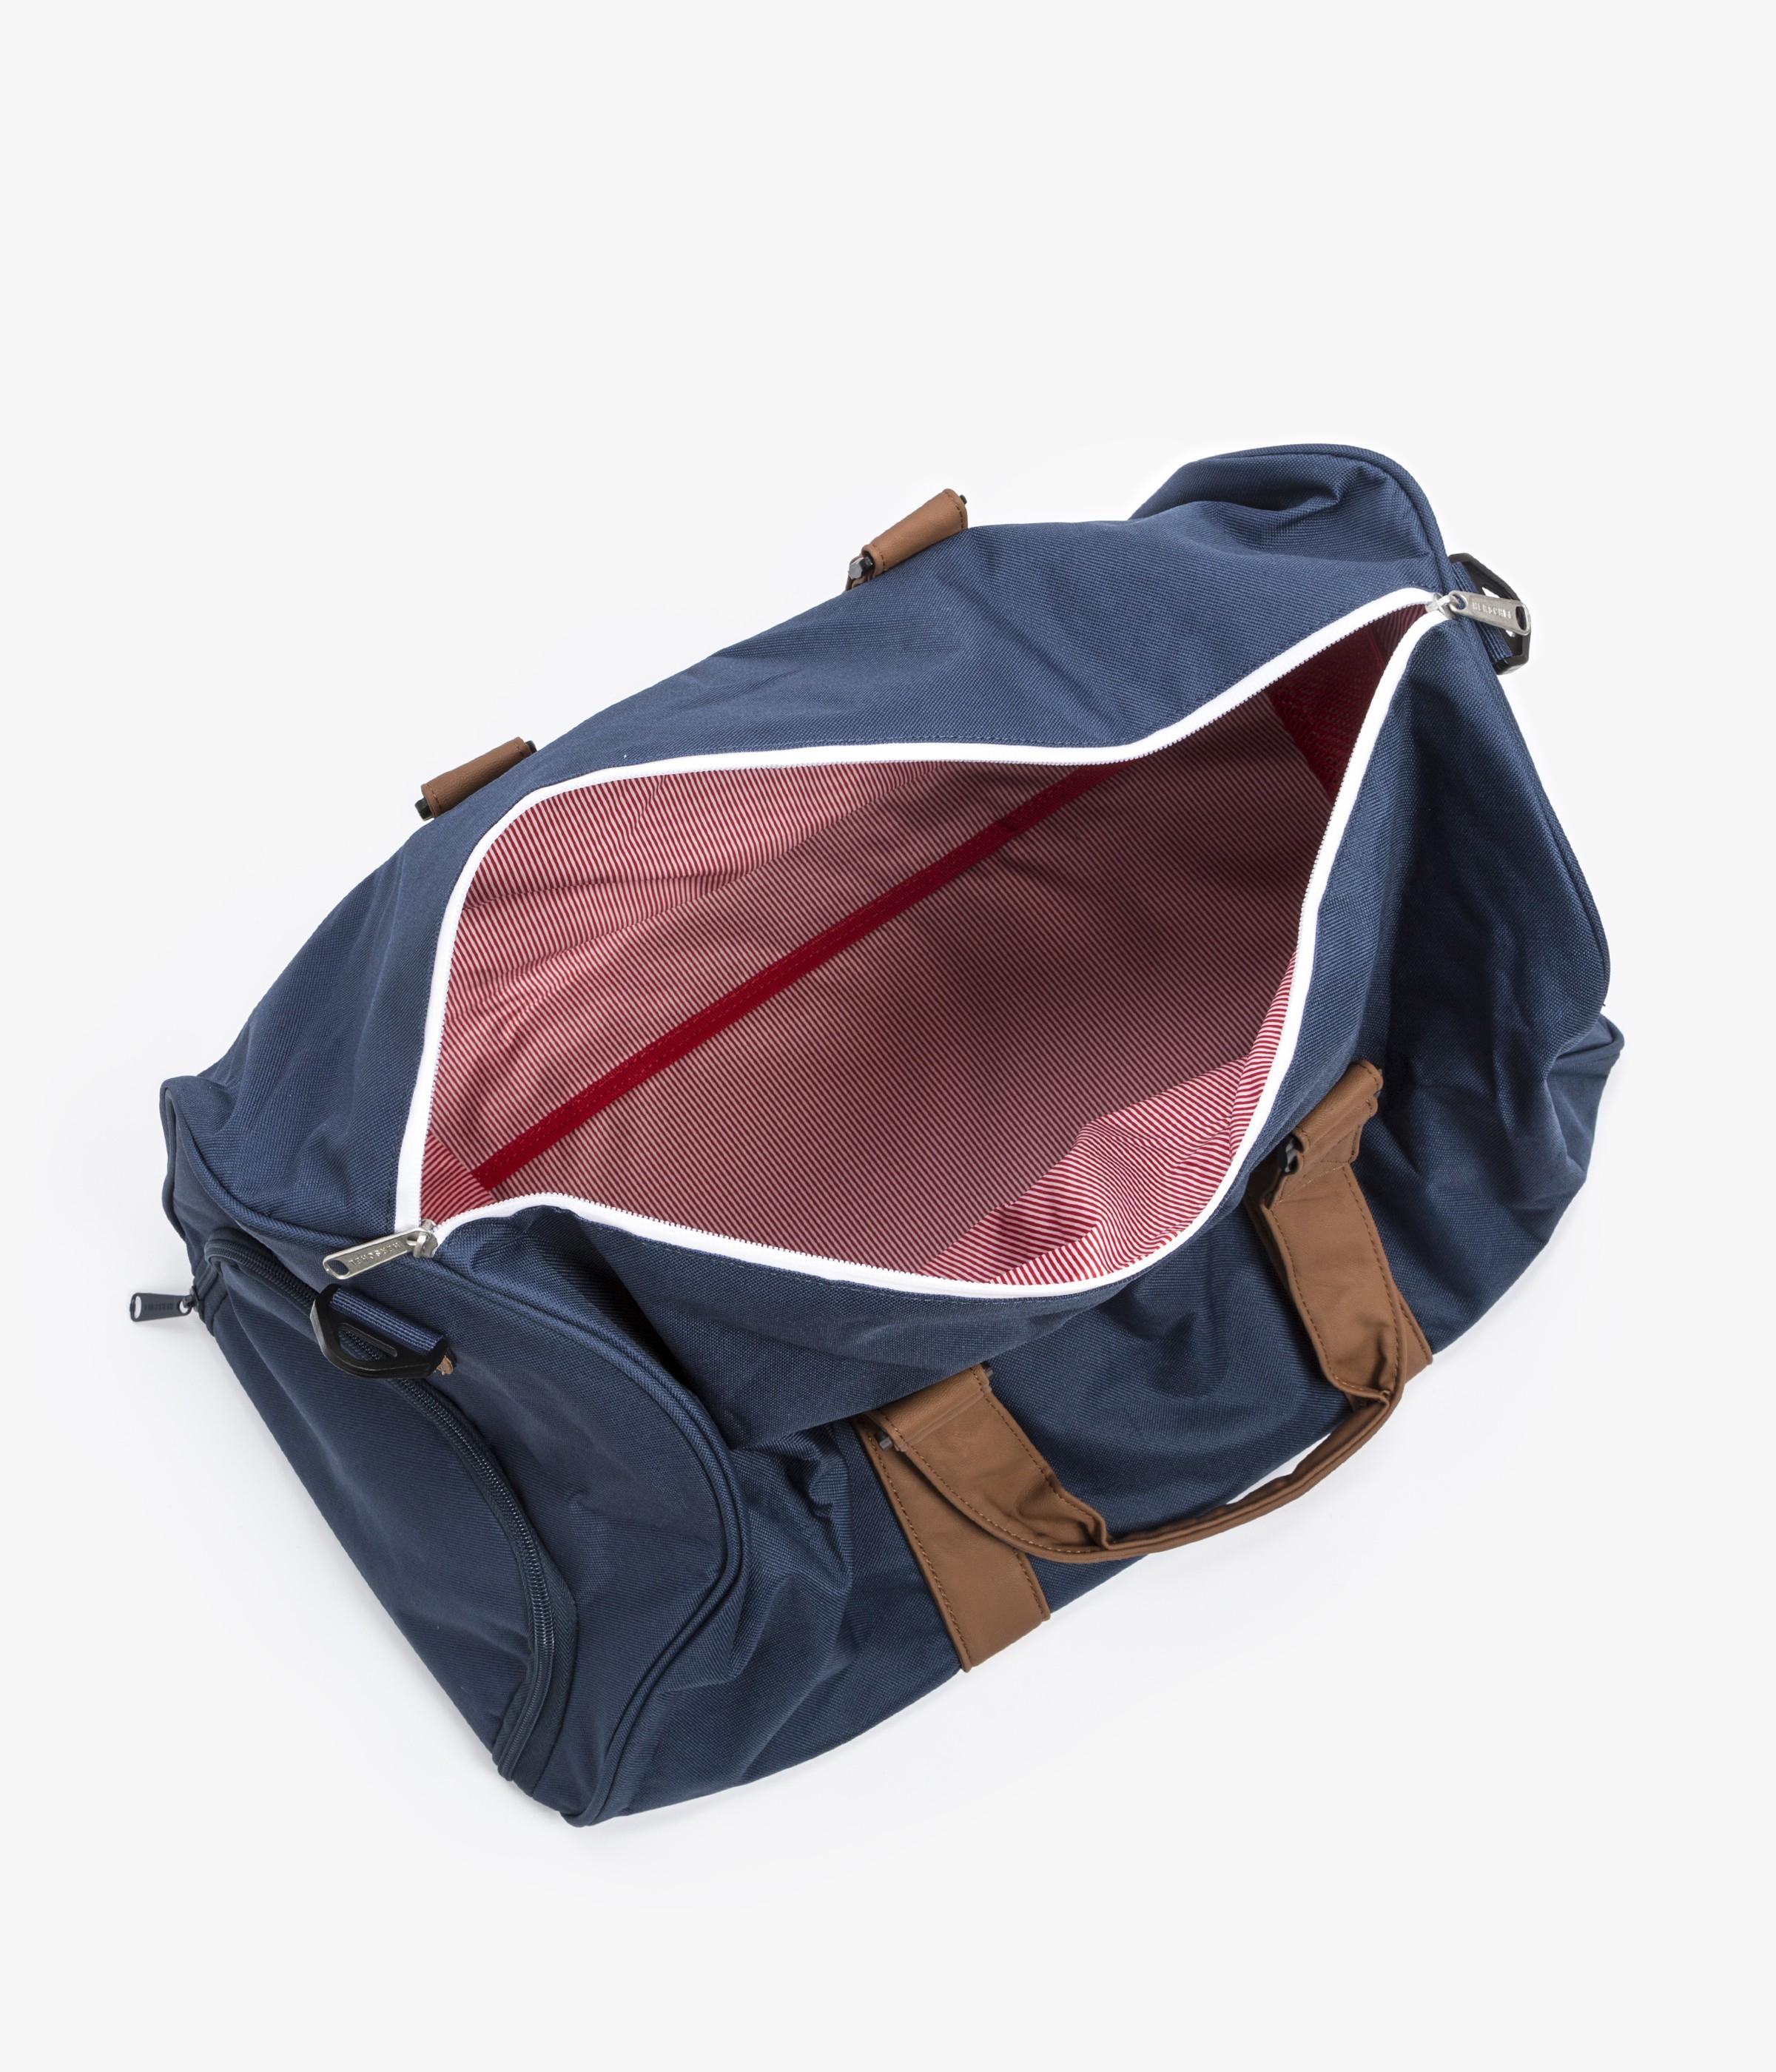 Herschel Duffle Bag | Herschel Supply Co Duffel Bag | Hershel Duffle